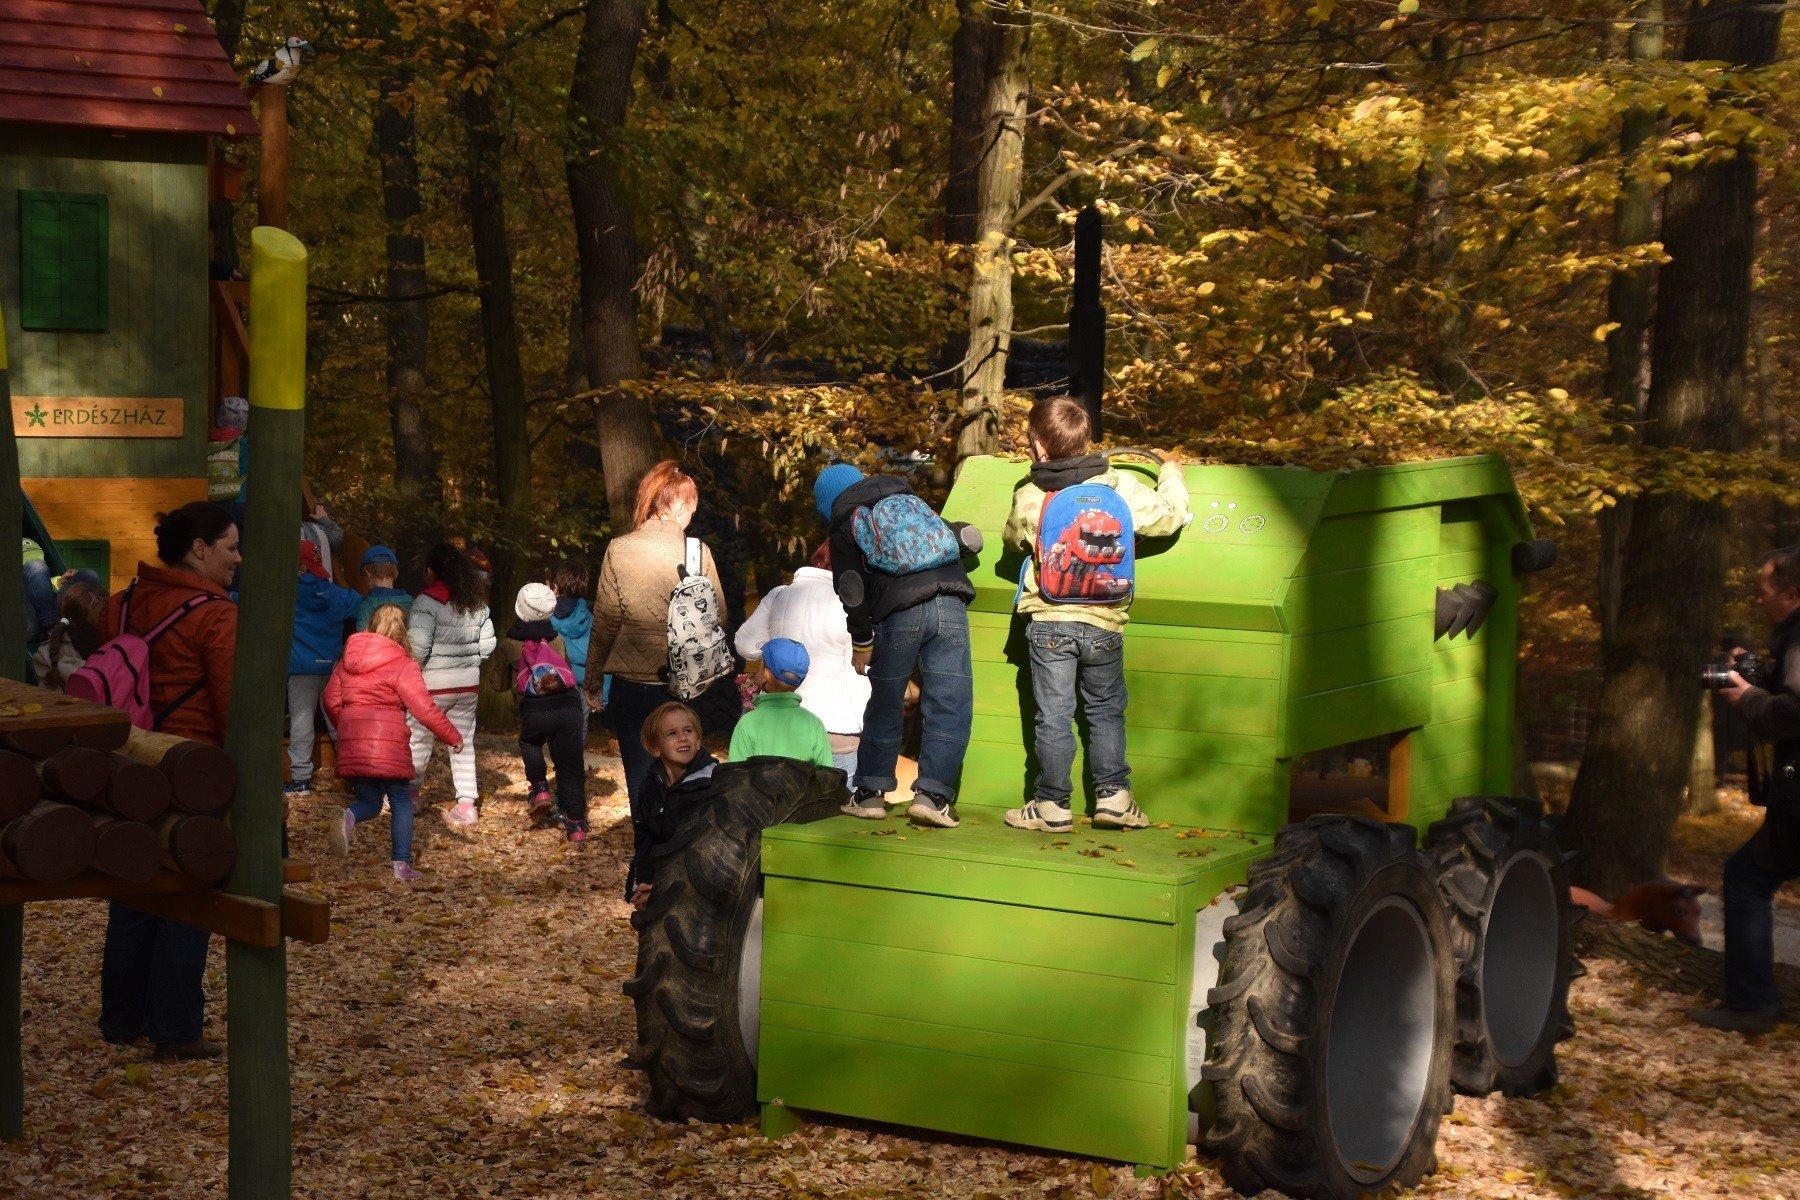 Fatraktoron erdészkethetnek a gyerekek a Vadasparkban